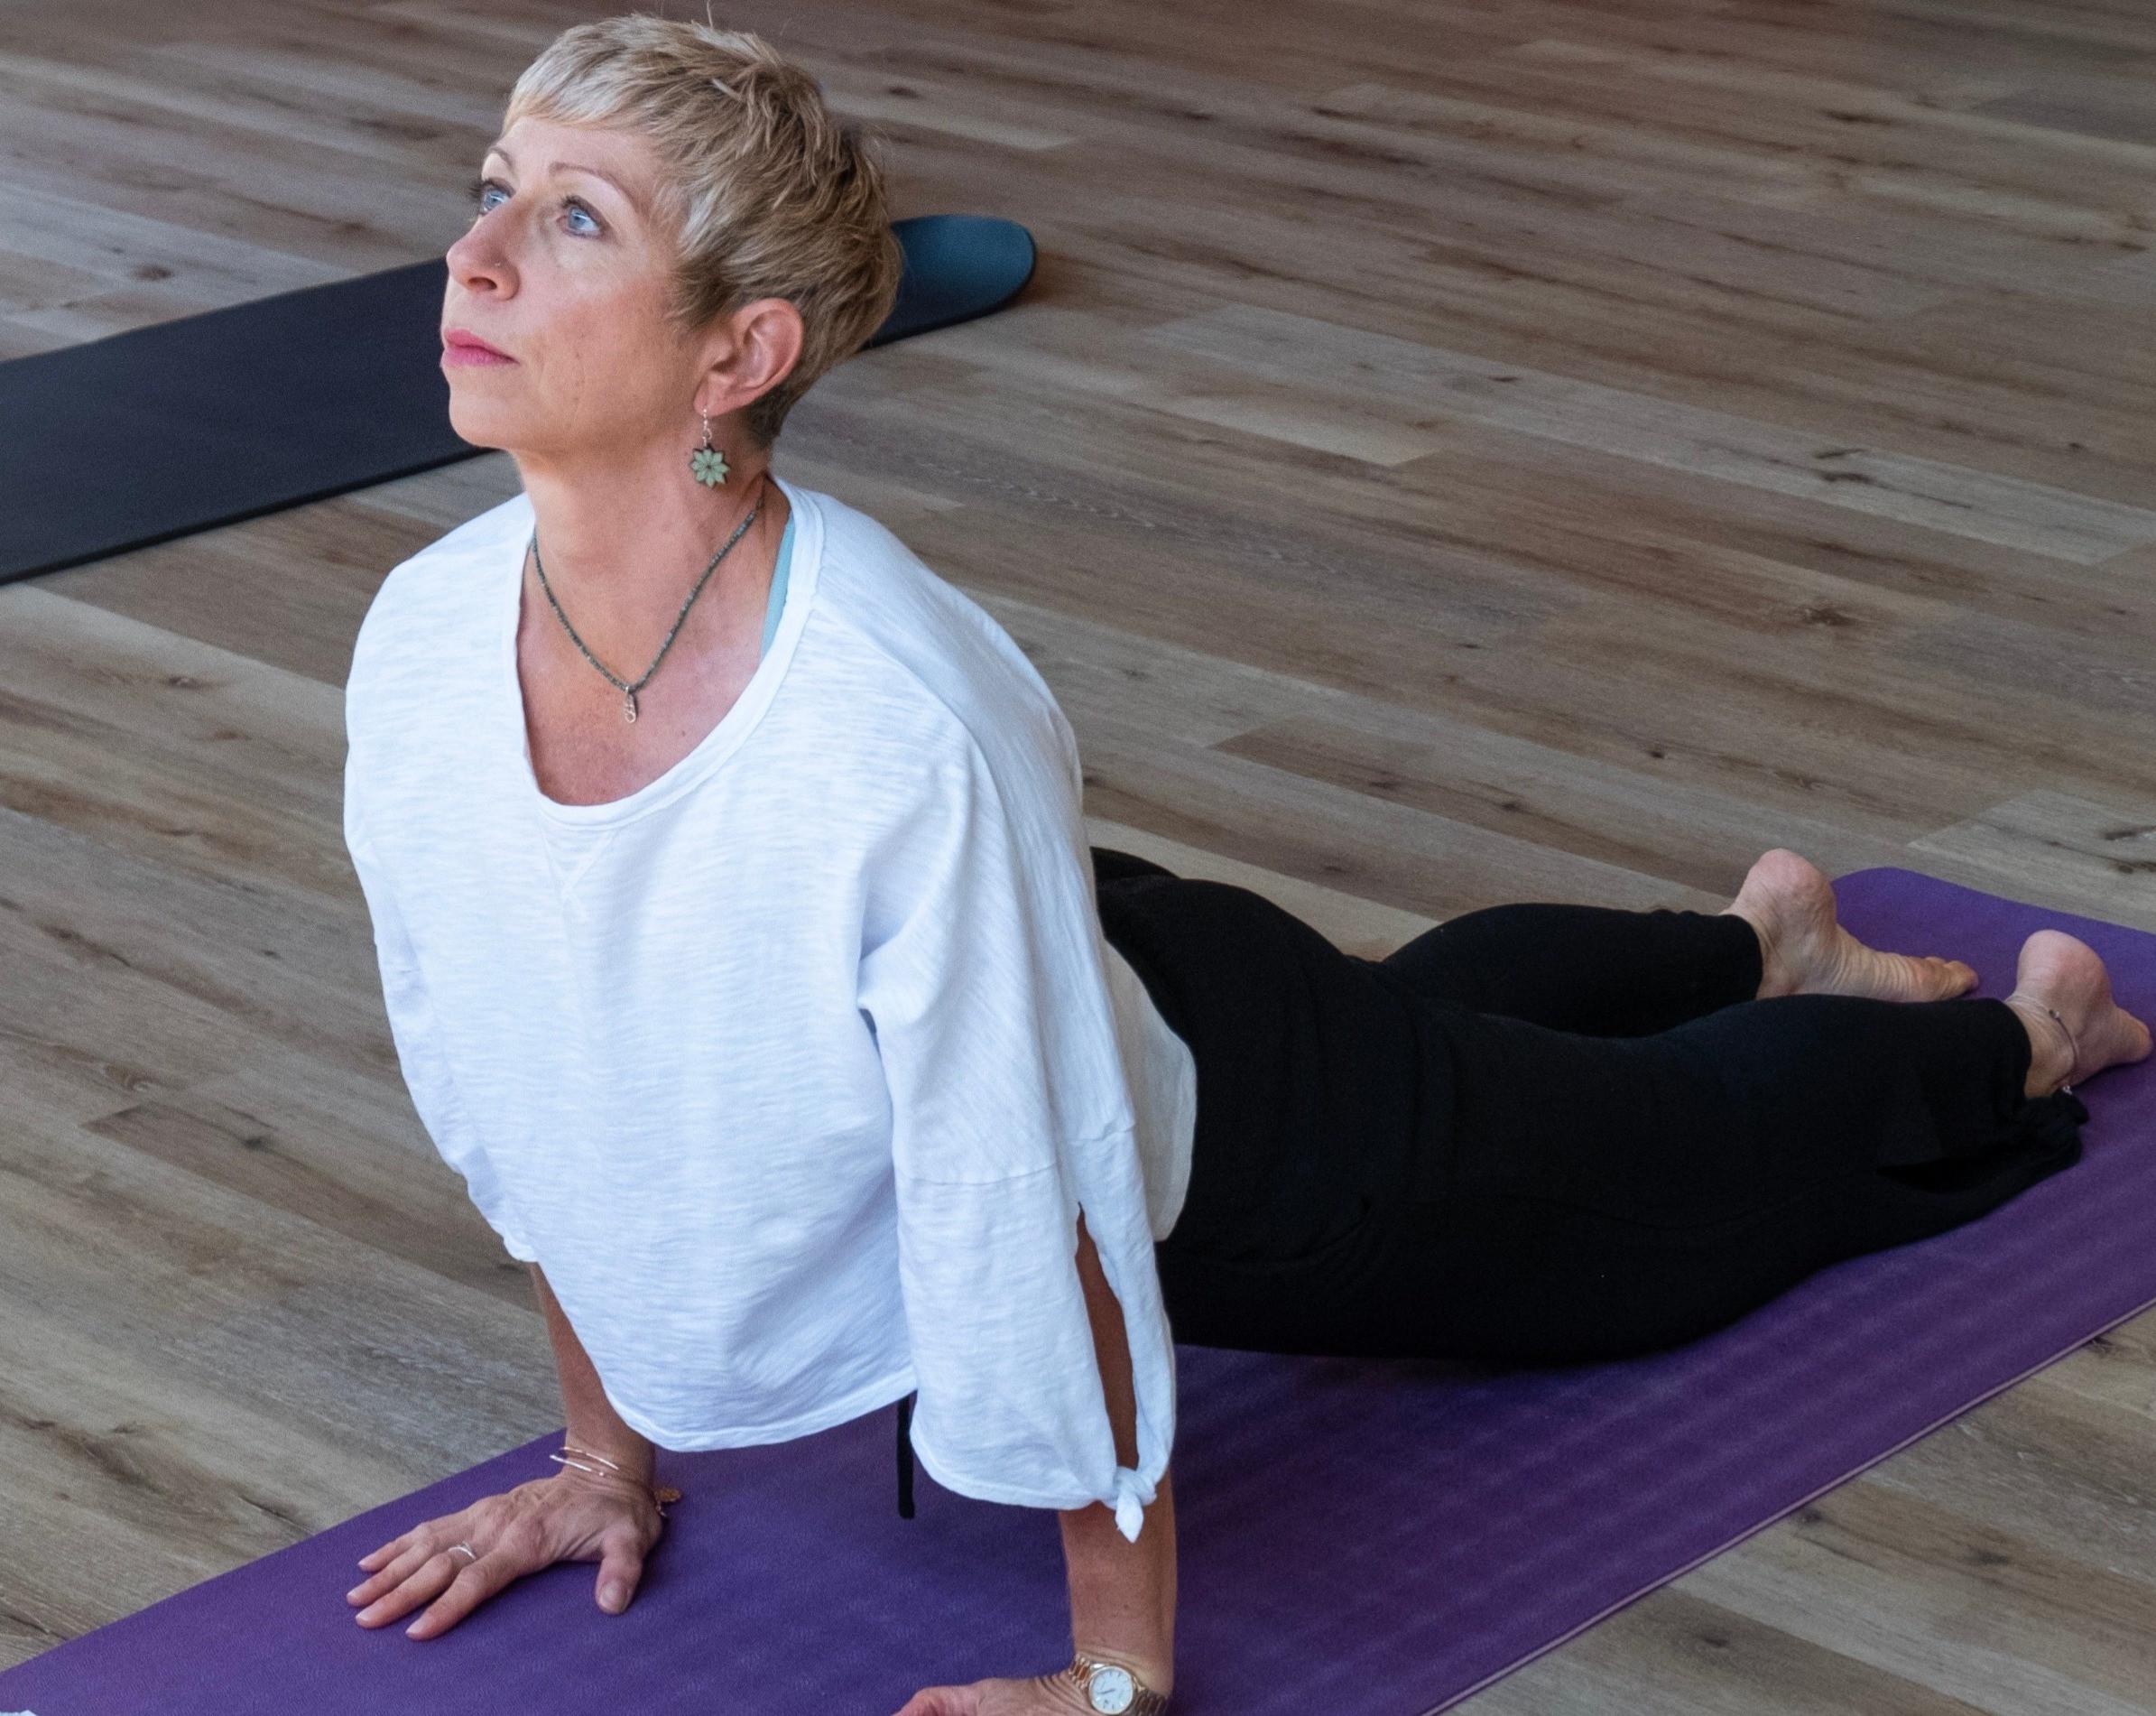 Personal Training & Yoga